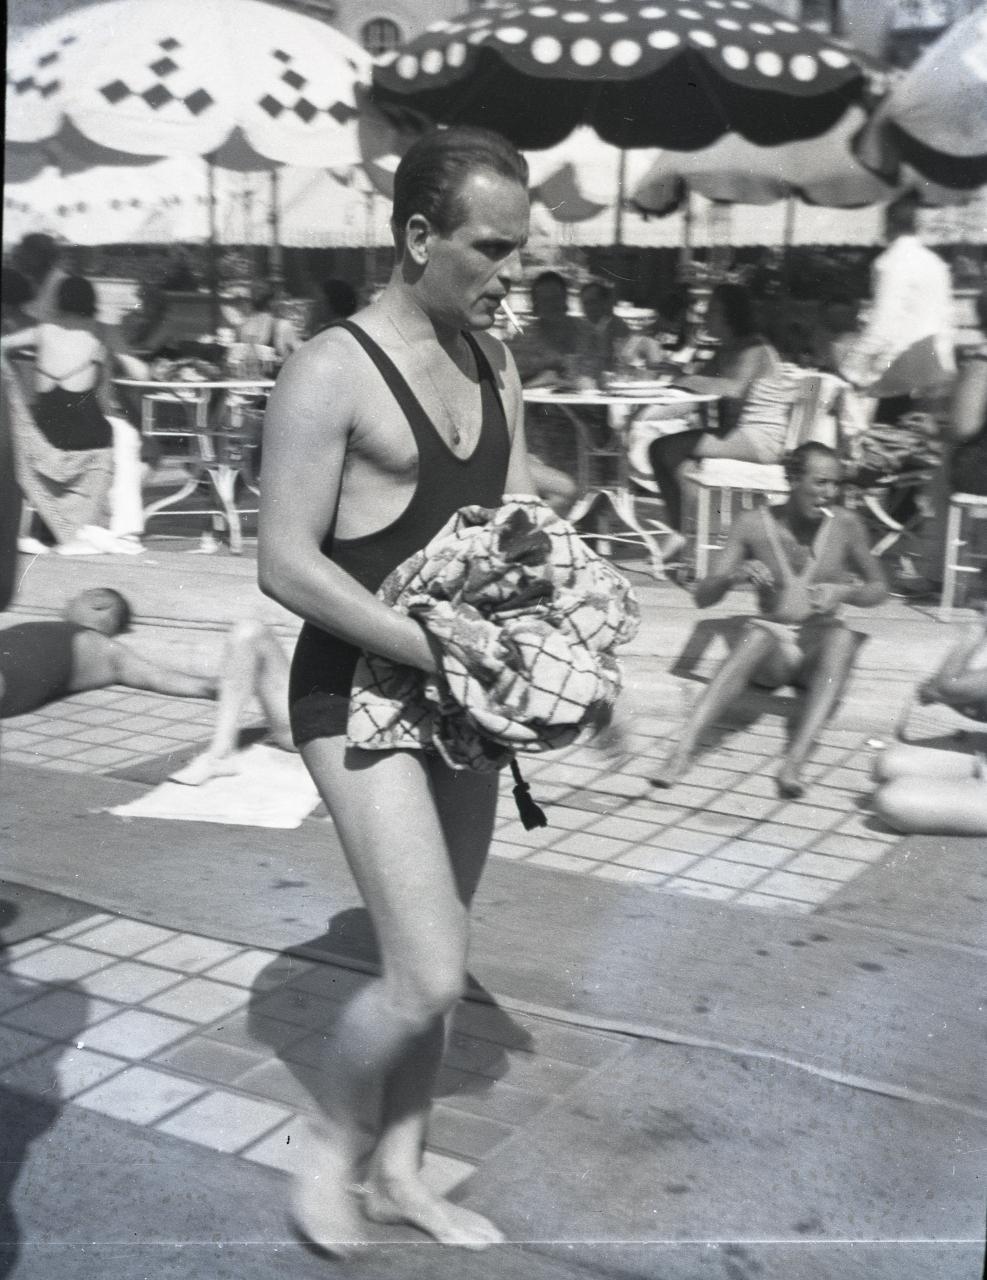 Fotó: Pusztai Sándor: Básti Lajos (1911-1977) színész, főiskolai tanár  © Pusztai Sándor örökösei - FSZEK Budapest Gyűjtemény